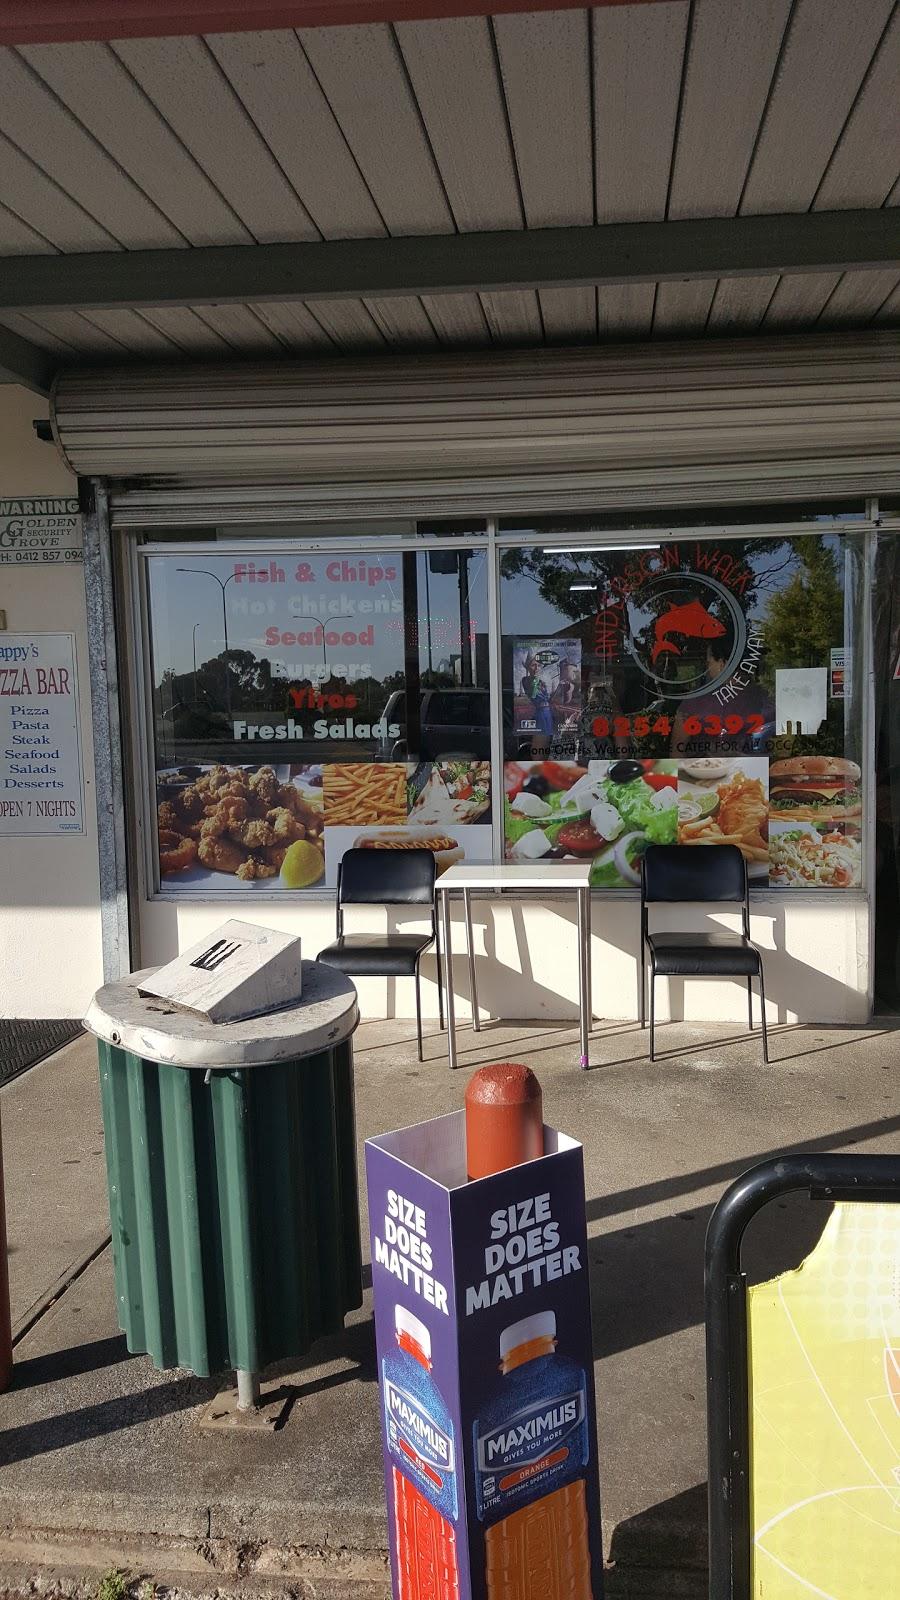 Anderson Walk Takeaway   meal takeaway   22 Anderson Walk, Smithfield SA 5114, Australia   0882546392 OR +61 8 8254 6392